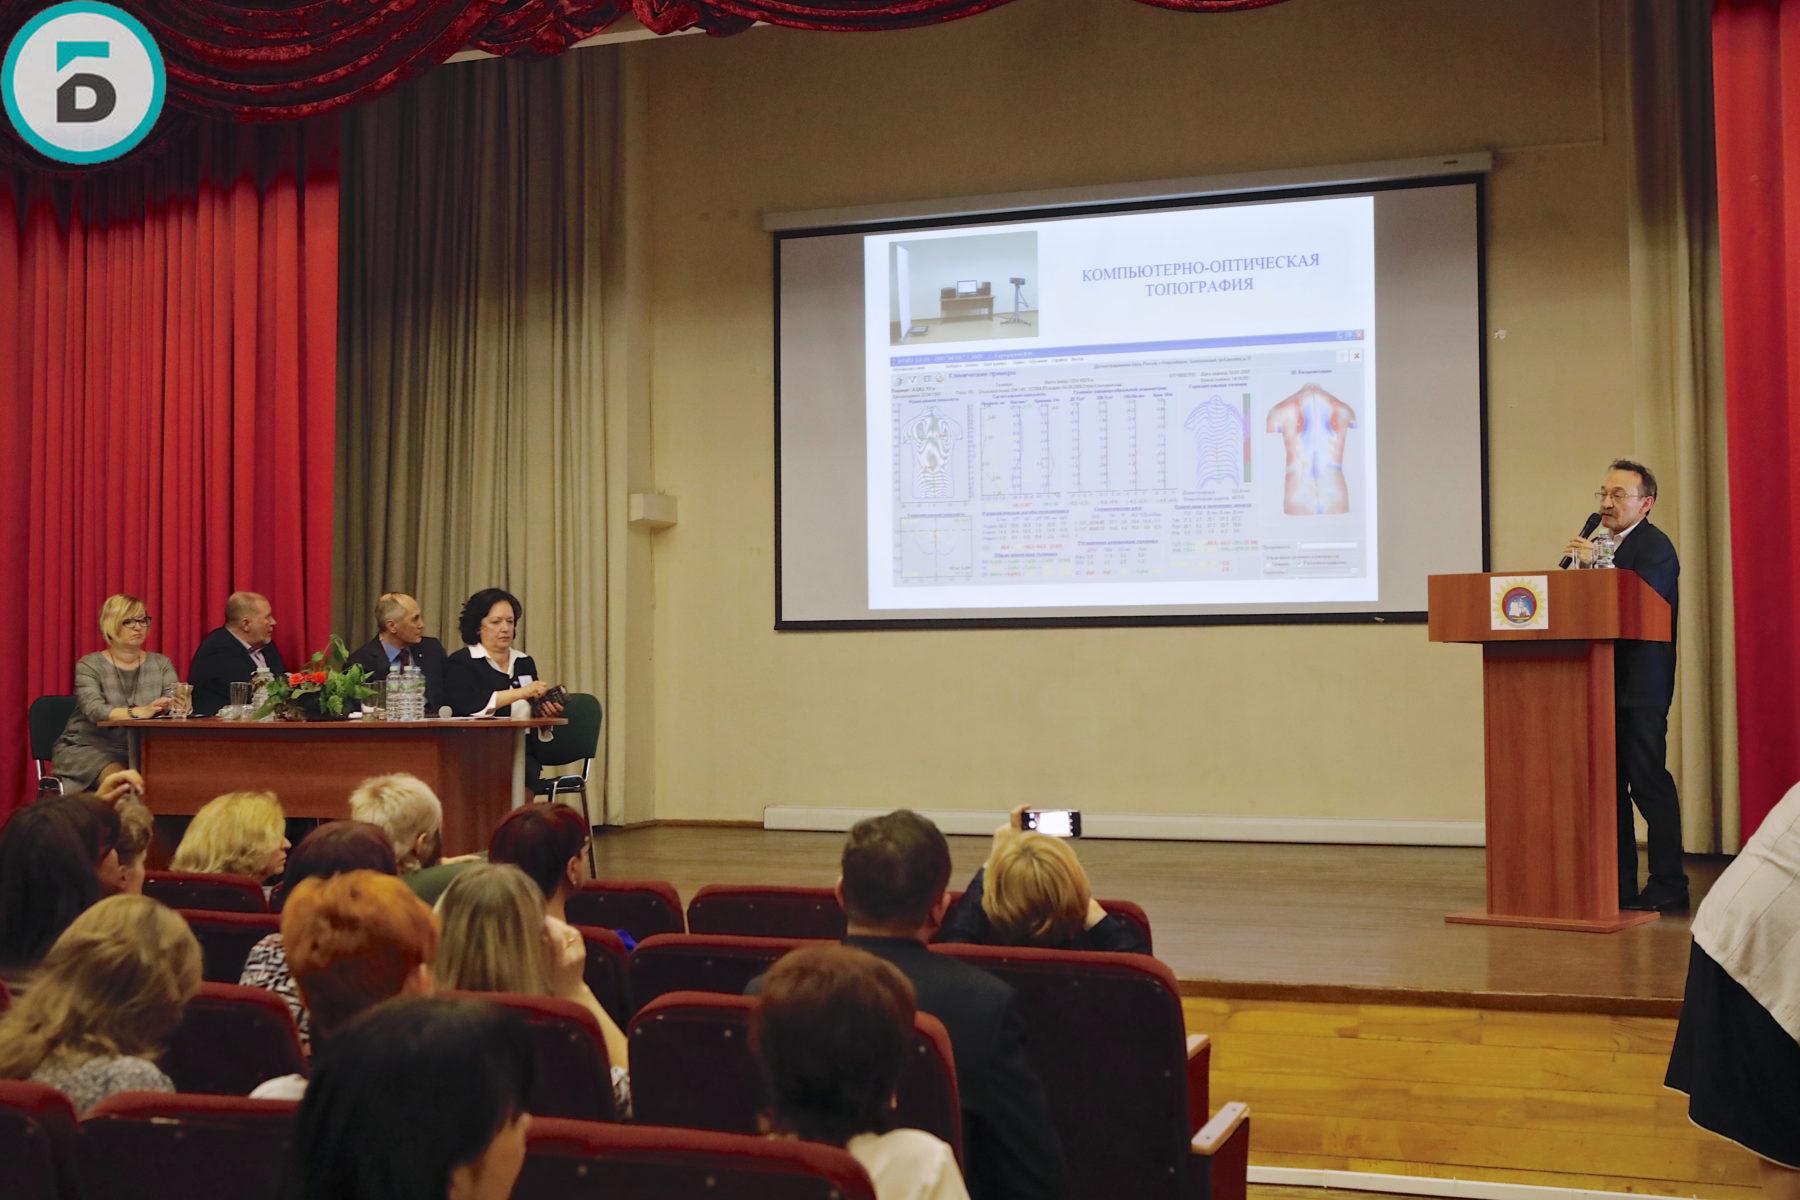 Первый всероссийский семинар «Учитель здоровья России» провели в Балашихе